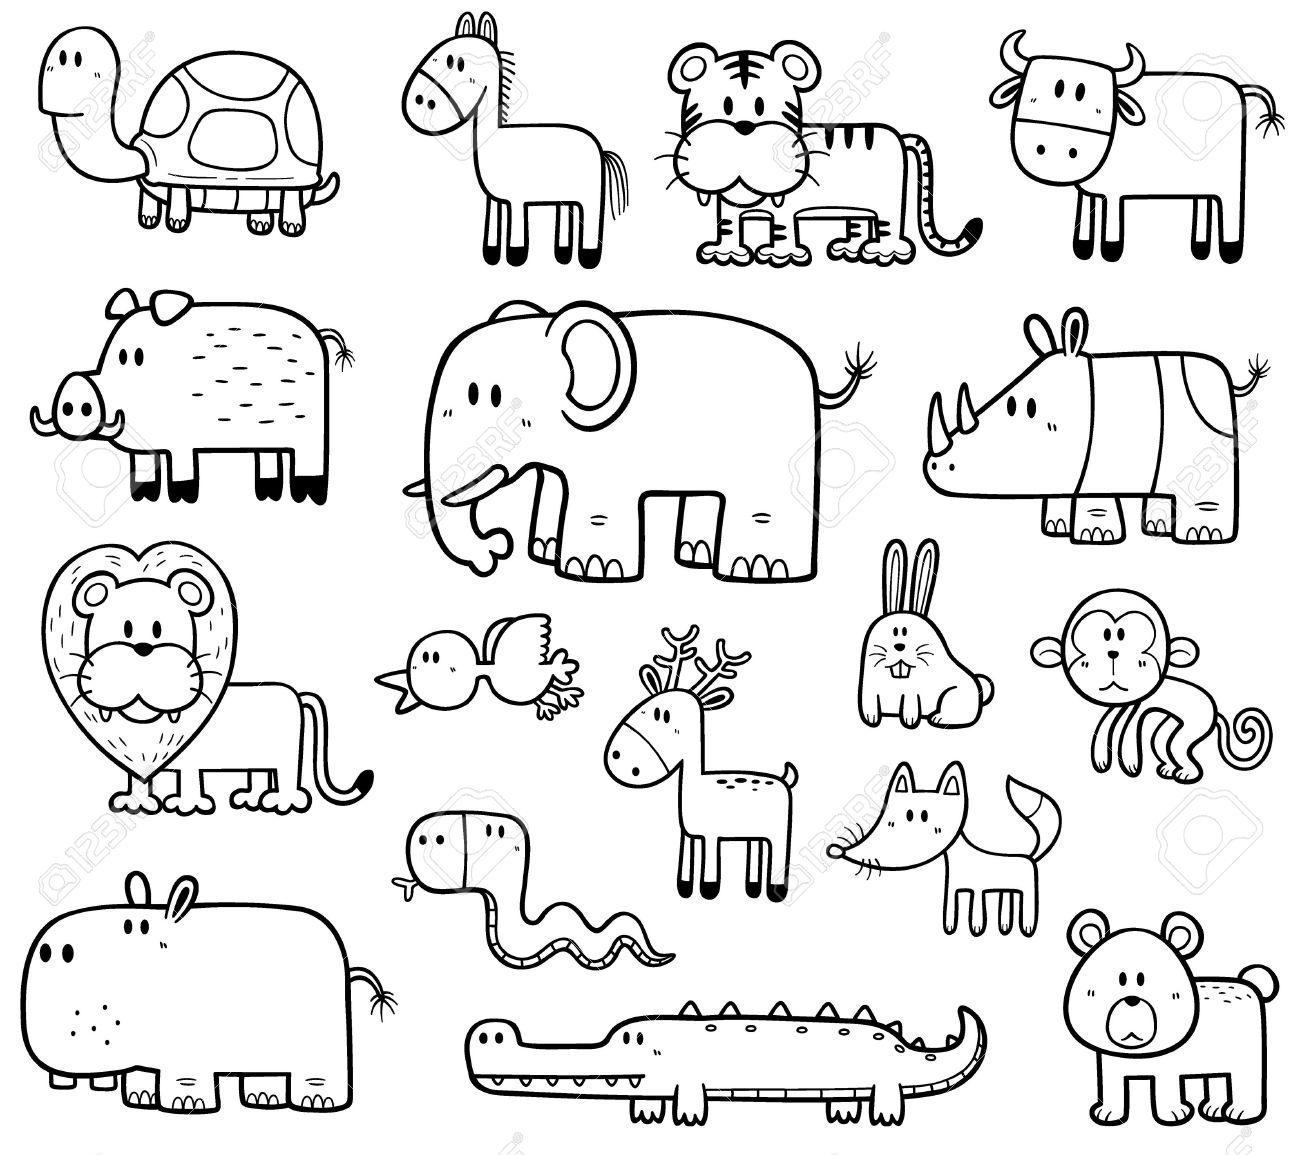 Más de 200 dibujos para pintar y colorear gratis | Nuevo Móvil